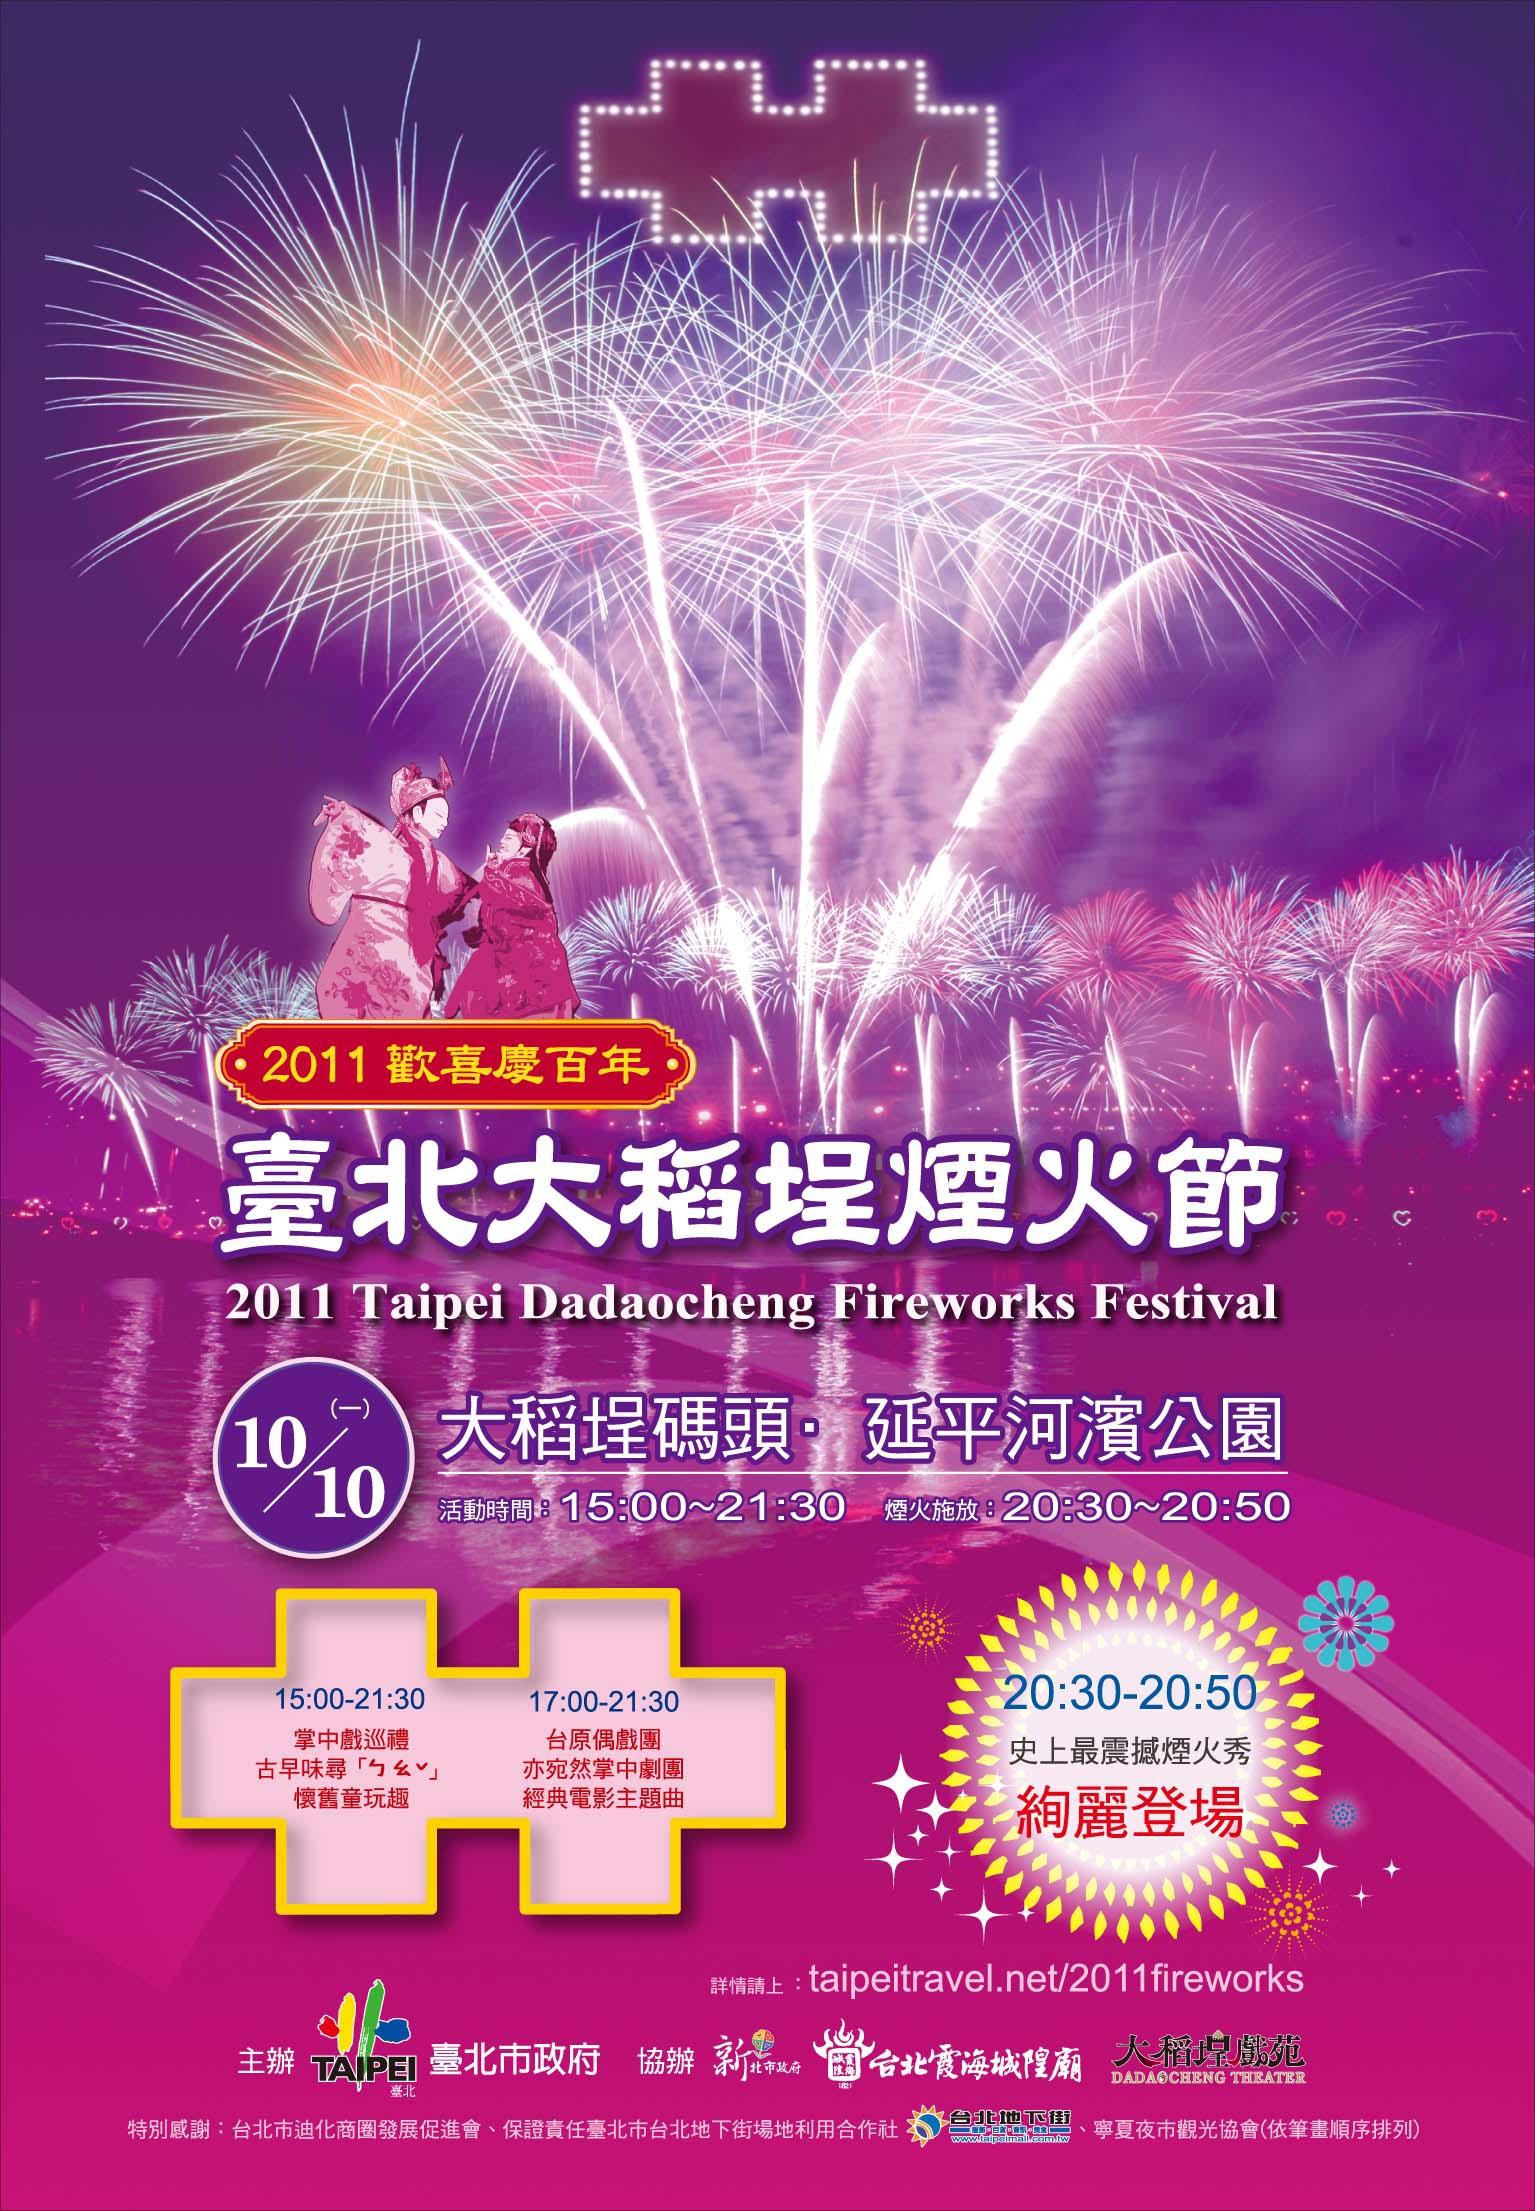 2011台北大稻埕煙火節1535x2211